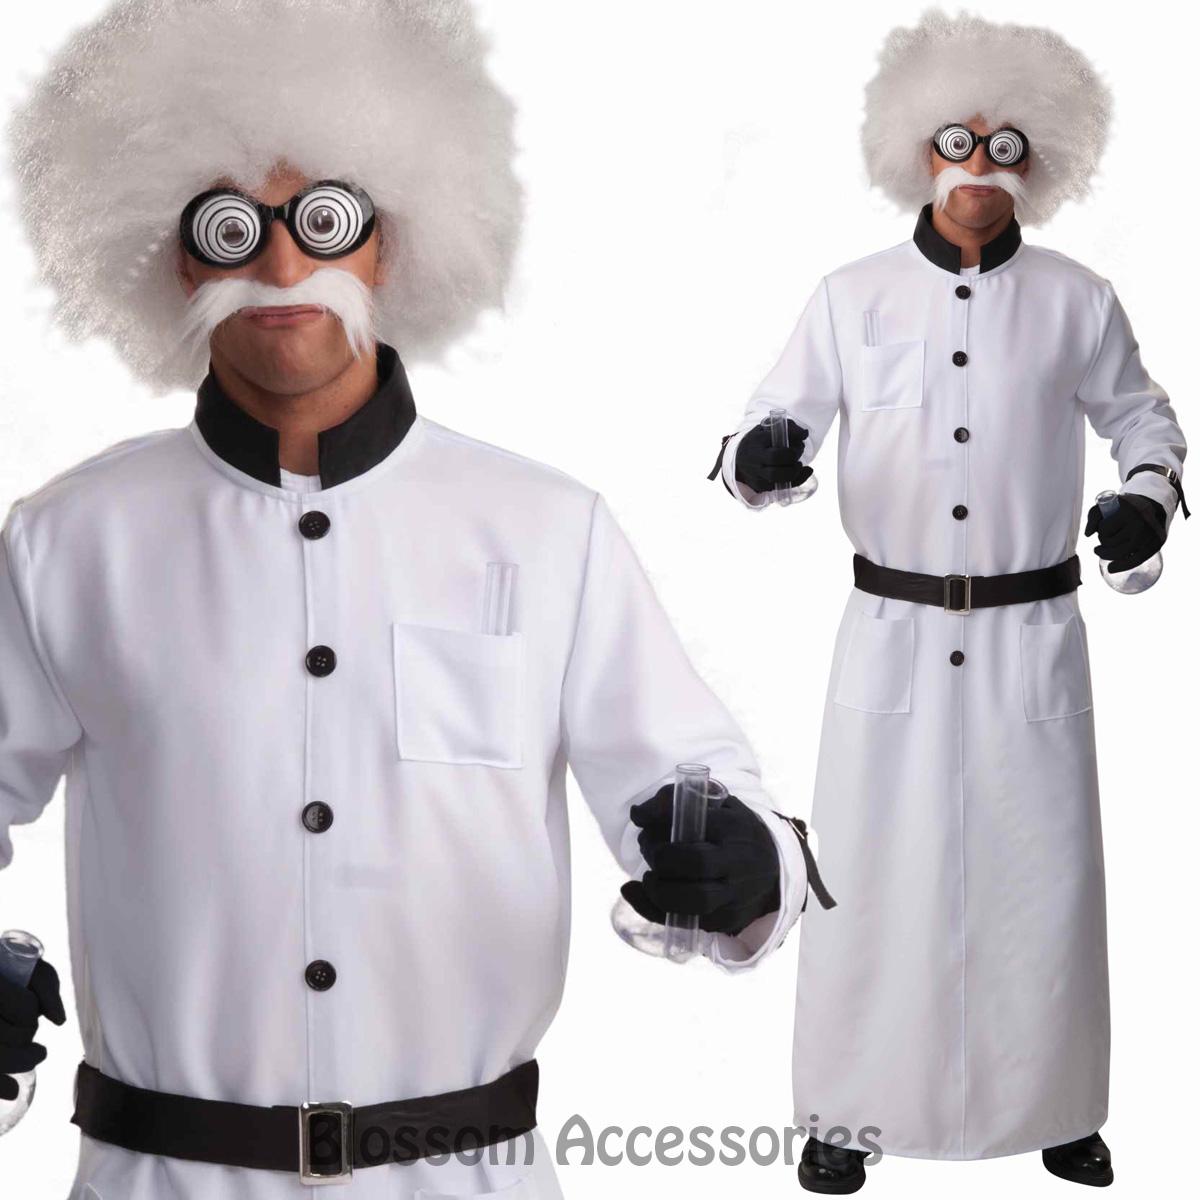 cl849 mad scientist doctor coat lab einstein halloween mens costume